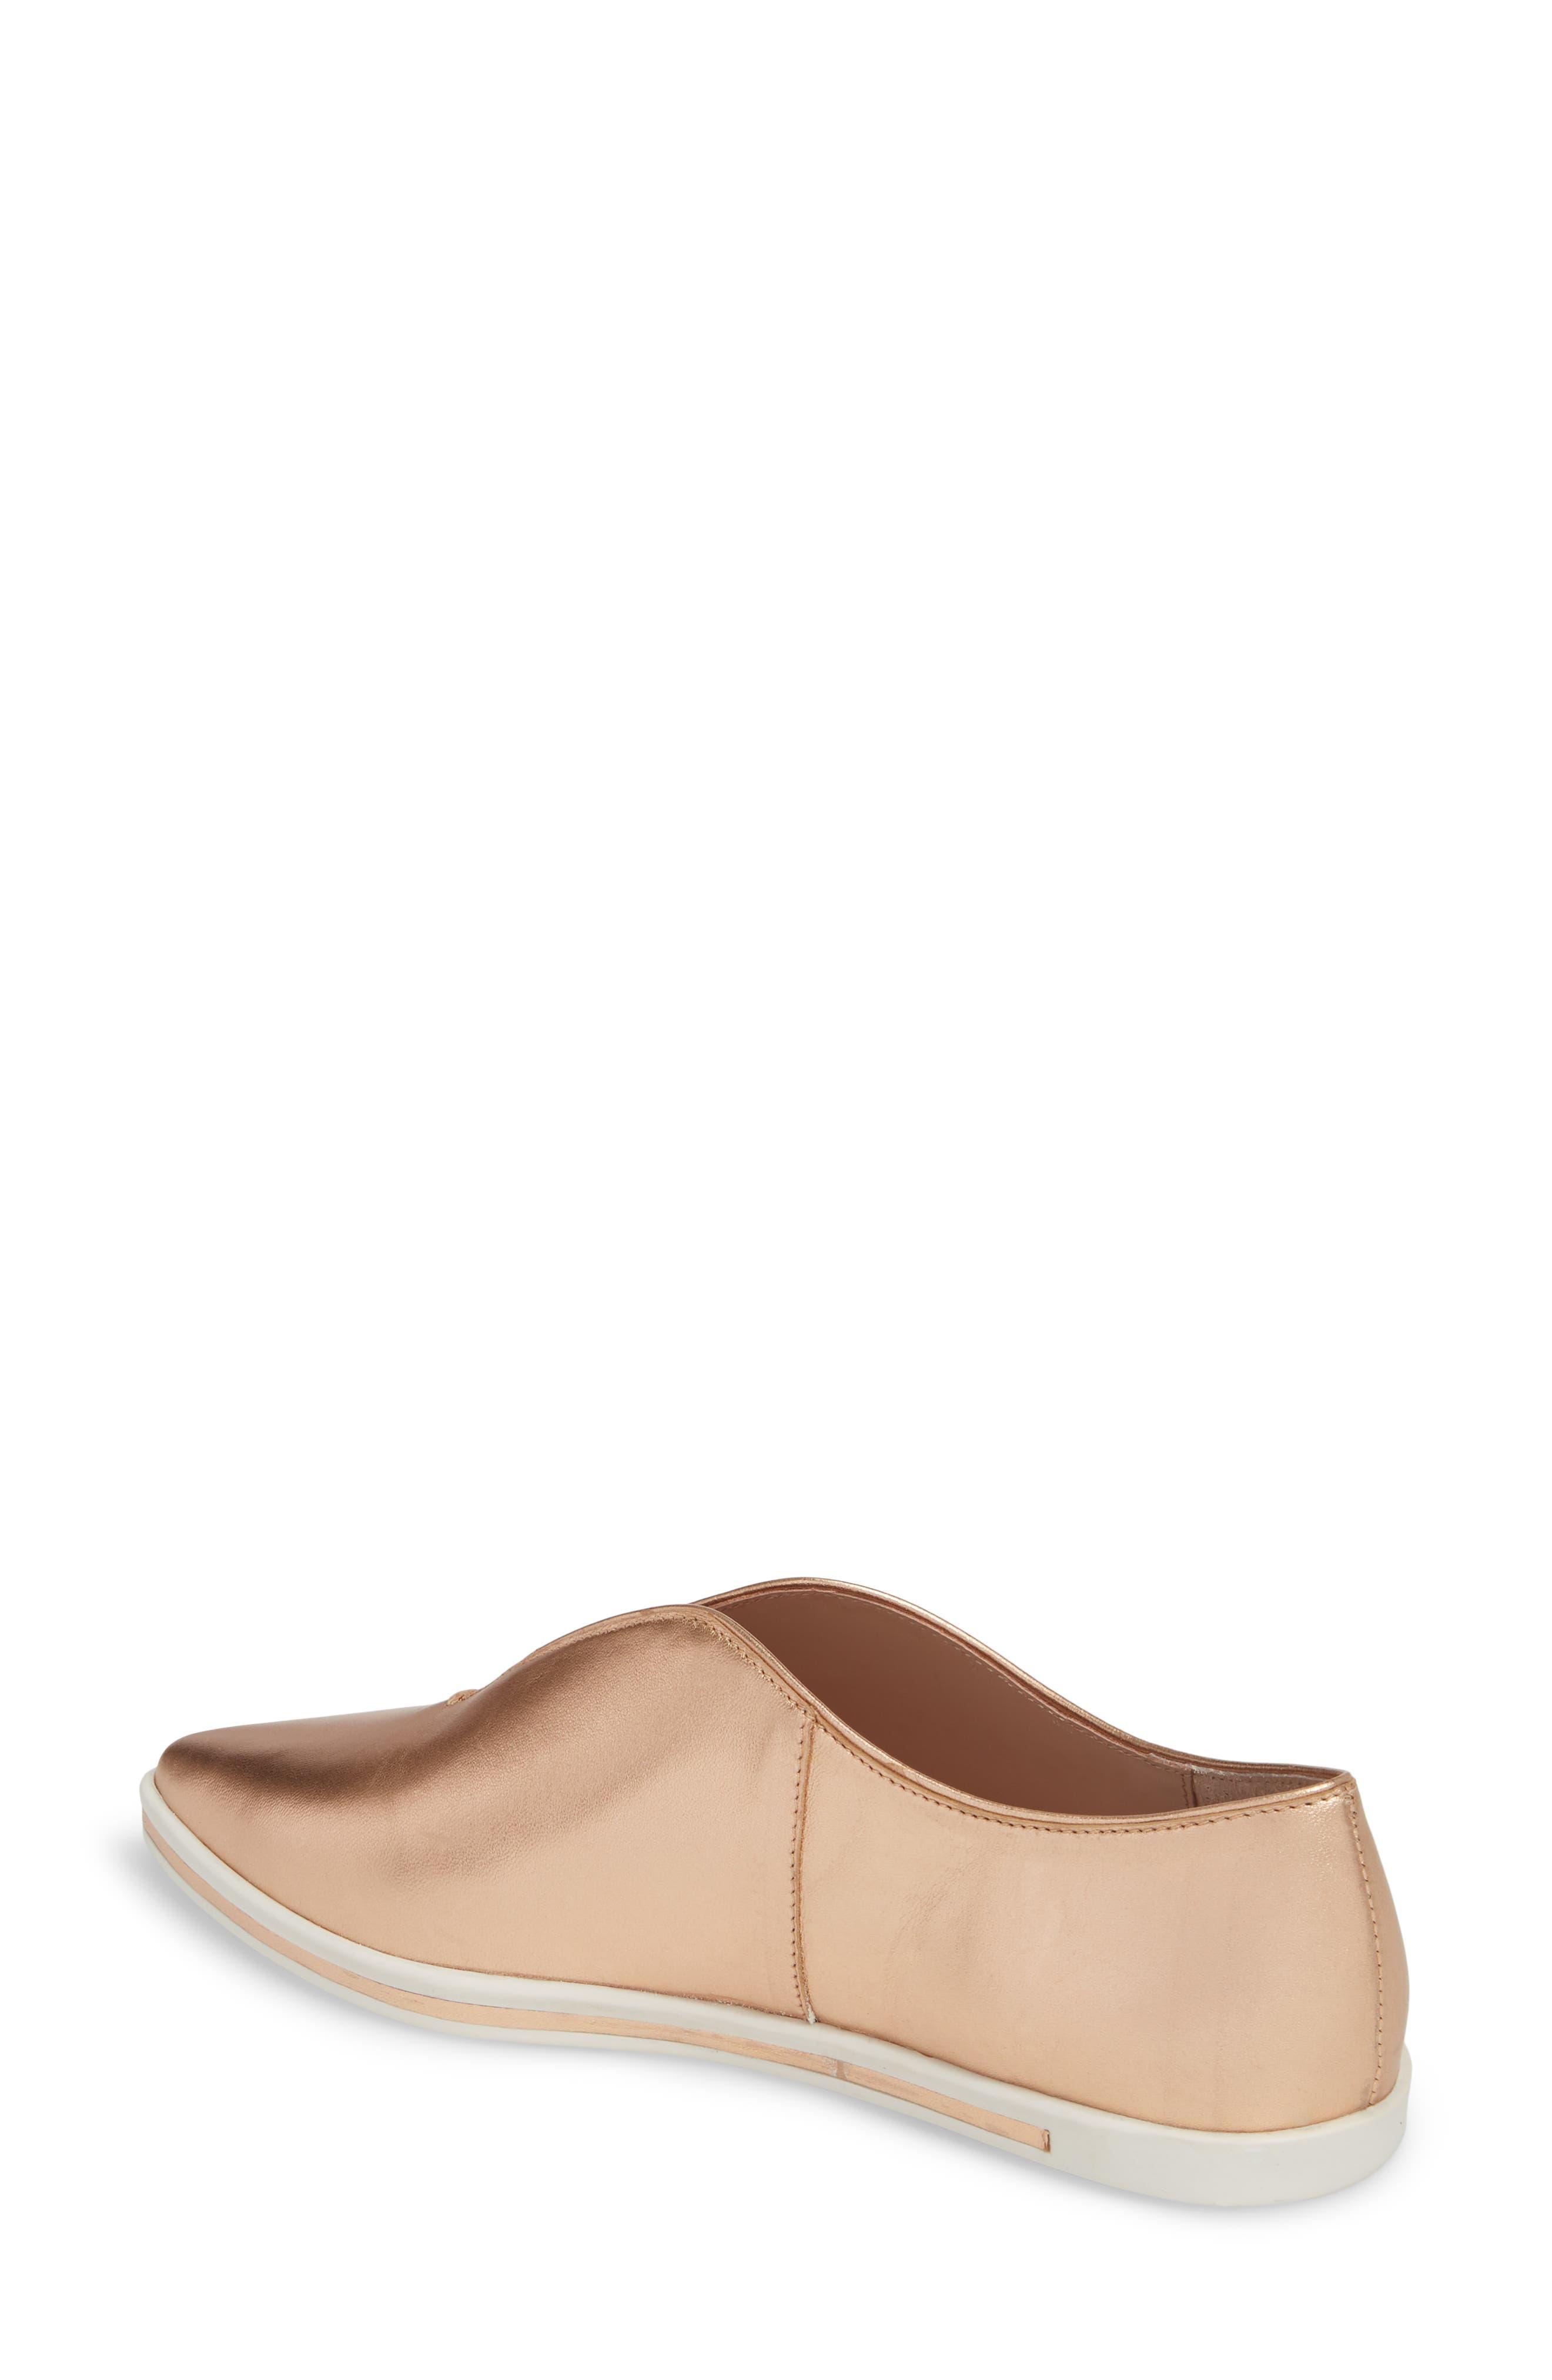 Tisha Slip-On Sneaker,                             Alternate thumbnail 2, color,                             Rose Gold Leather